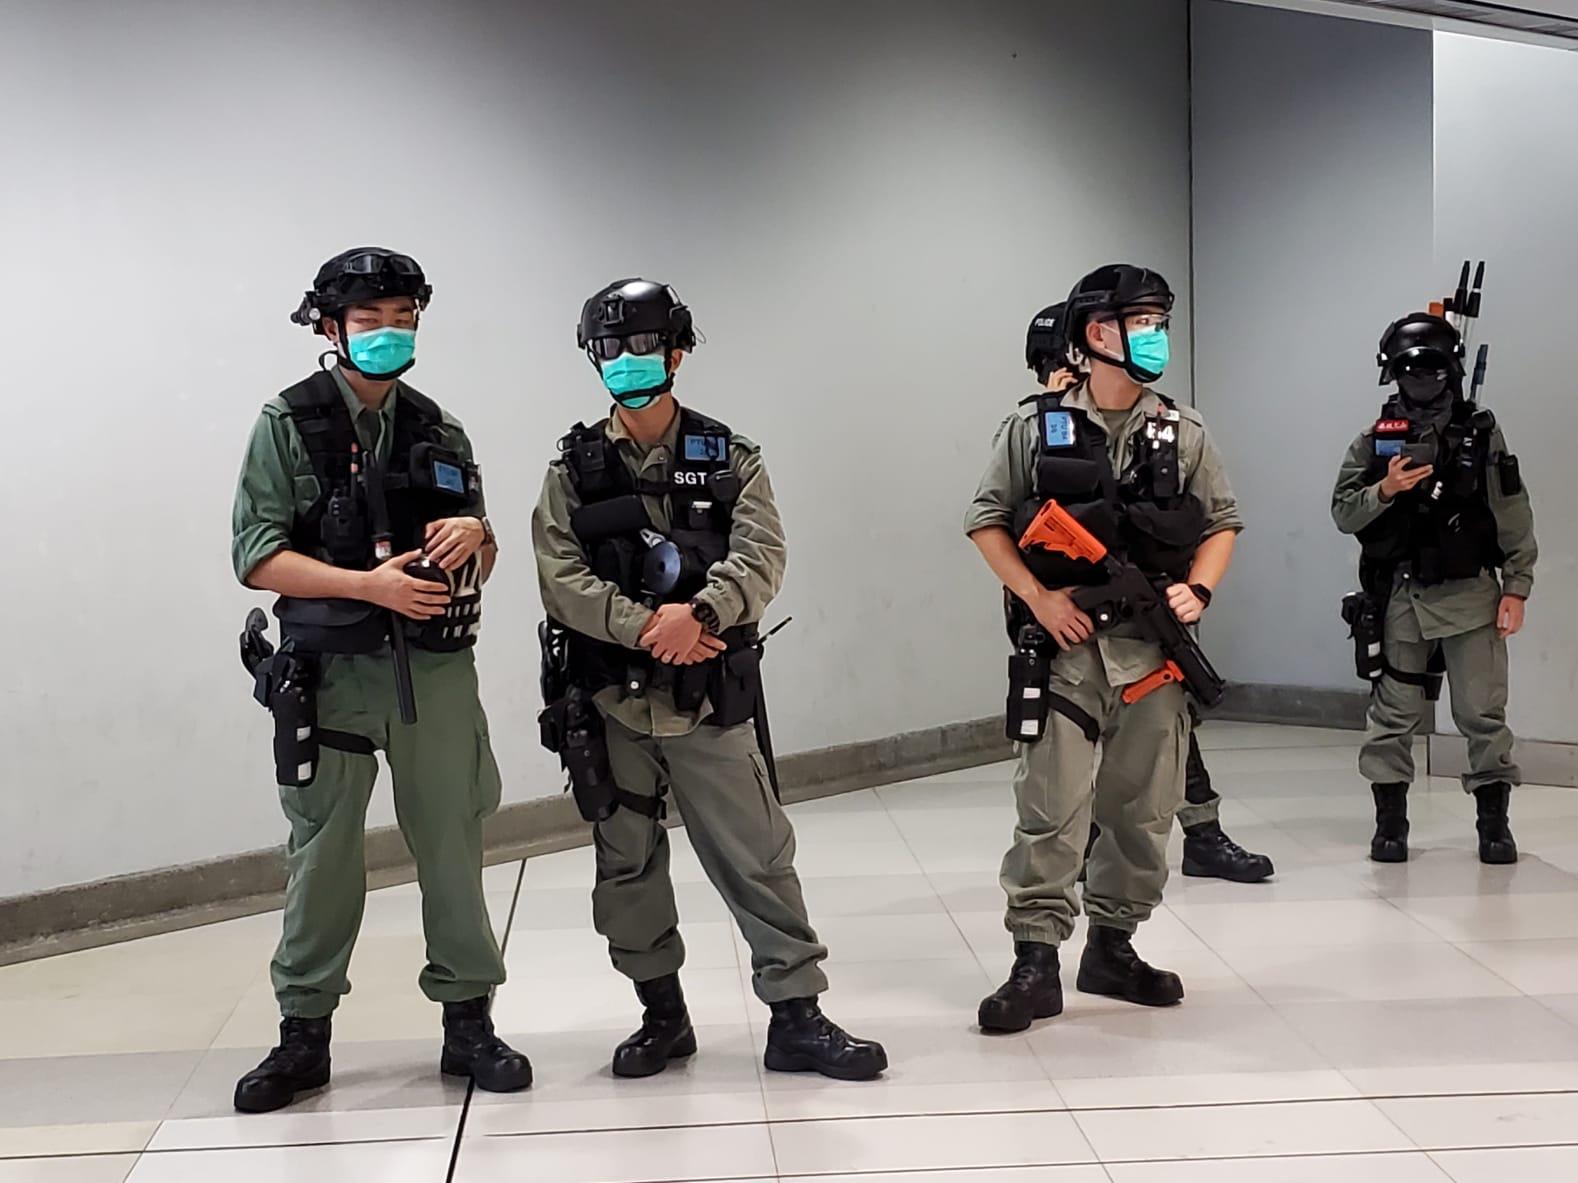 在近商場的地鐵入口處可見全副武裝武裝的防暴警察再戒備。(宋碧龍 / 大紀元)